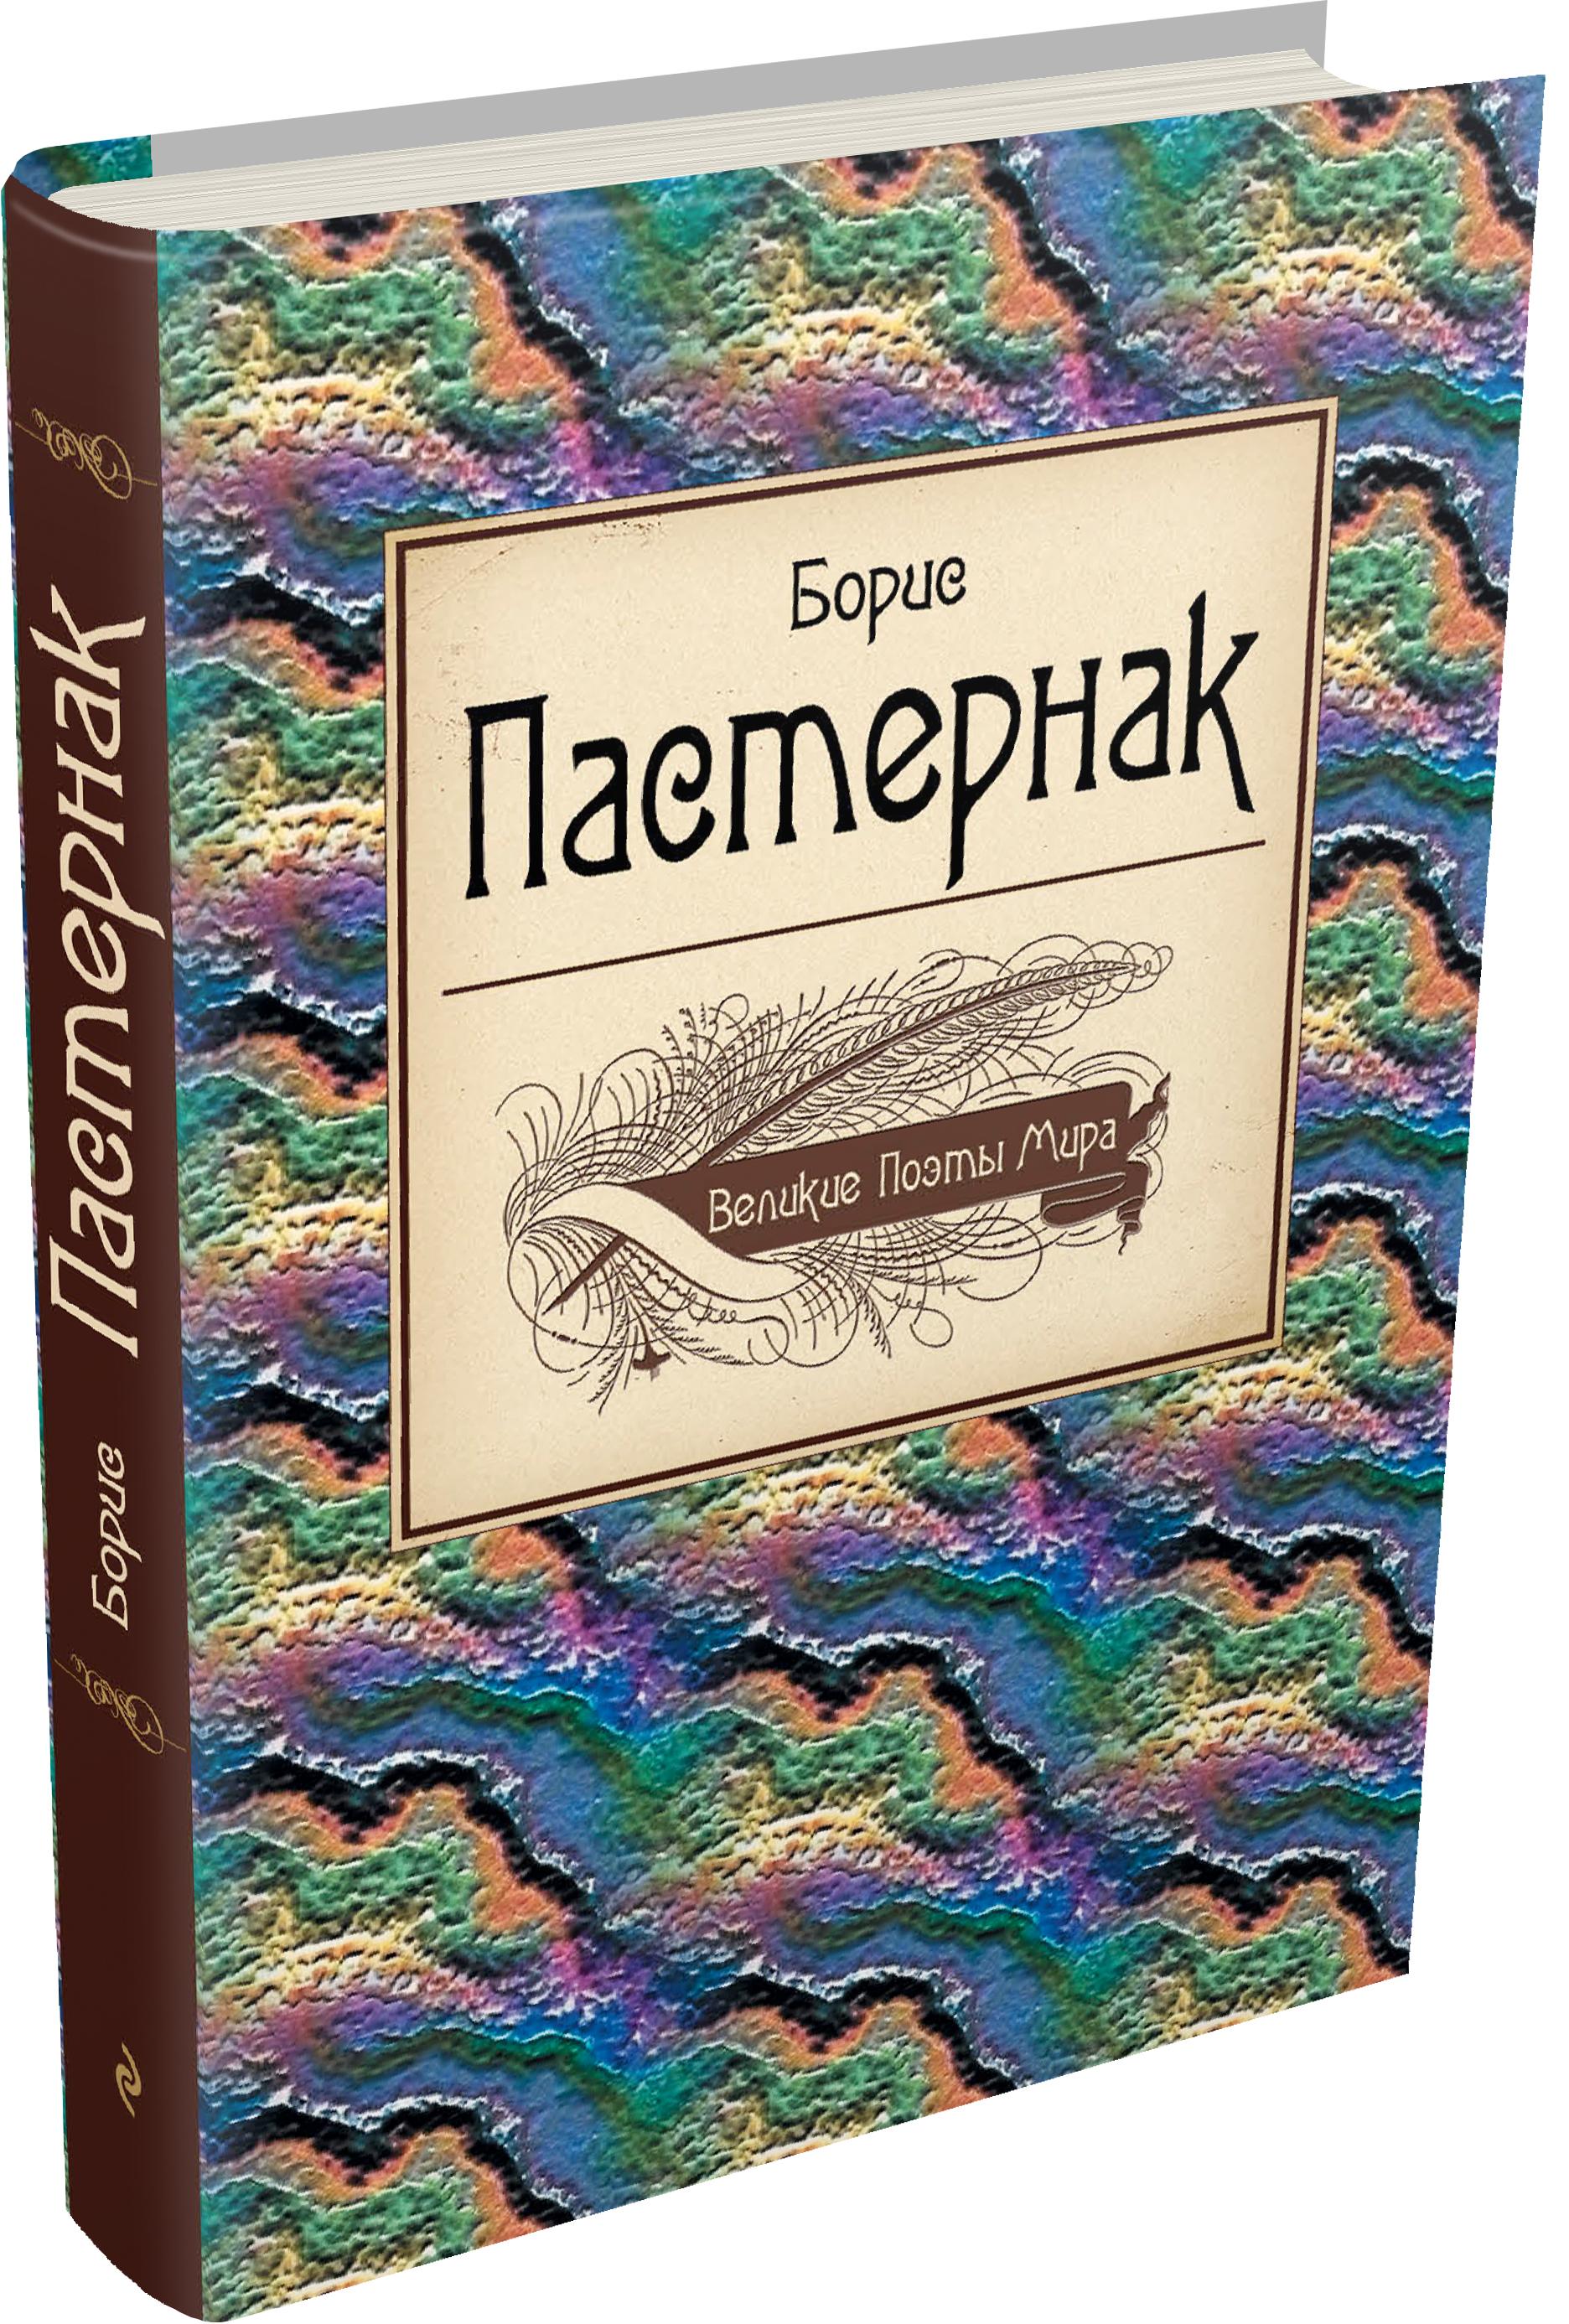 Пастернак Б.Л. Великие поэты мира: Борис Пастернак